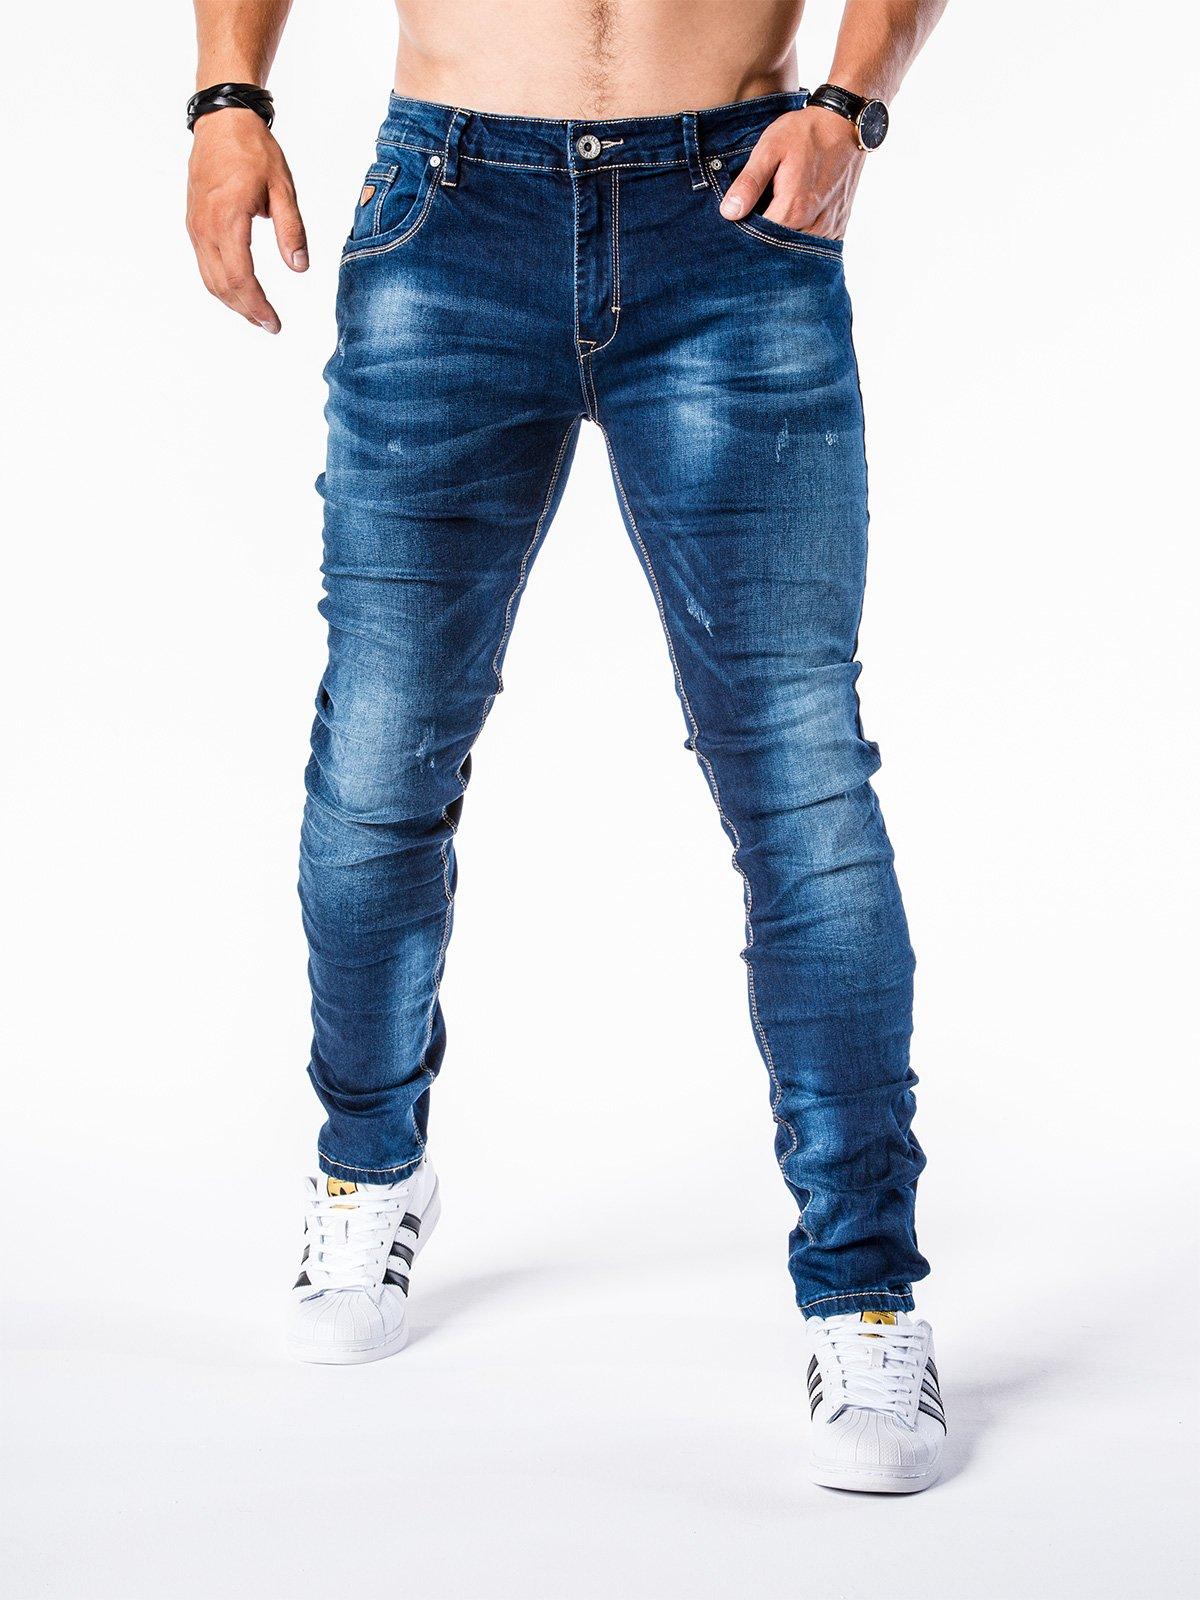 Spodnie męskie jeansowe P566 - granatowe